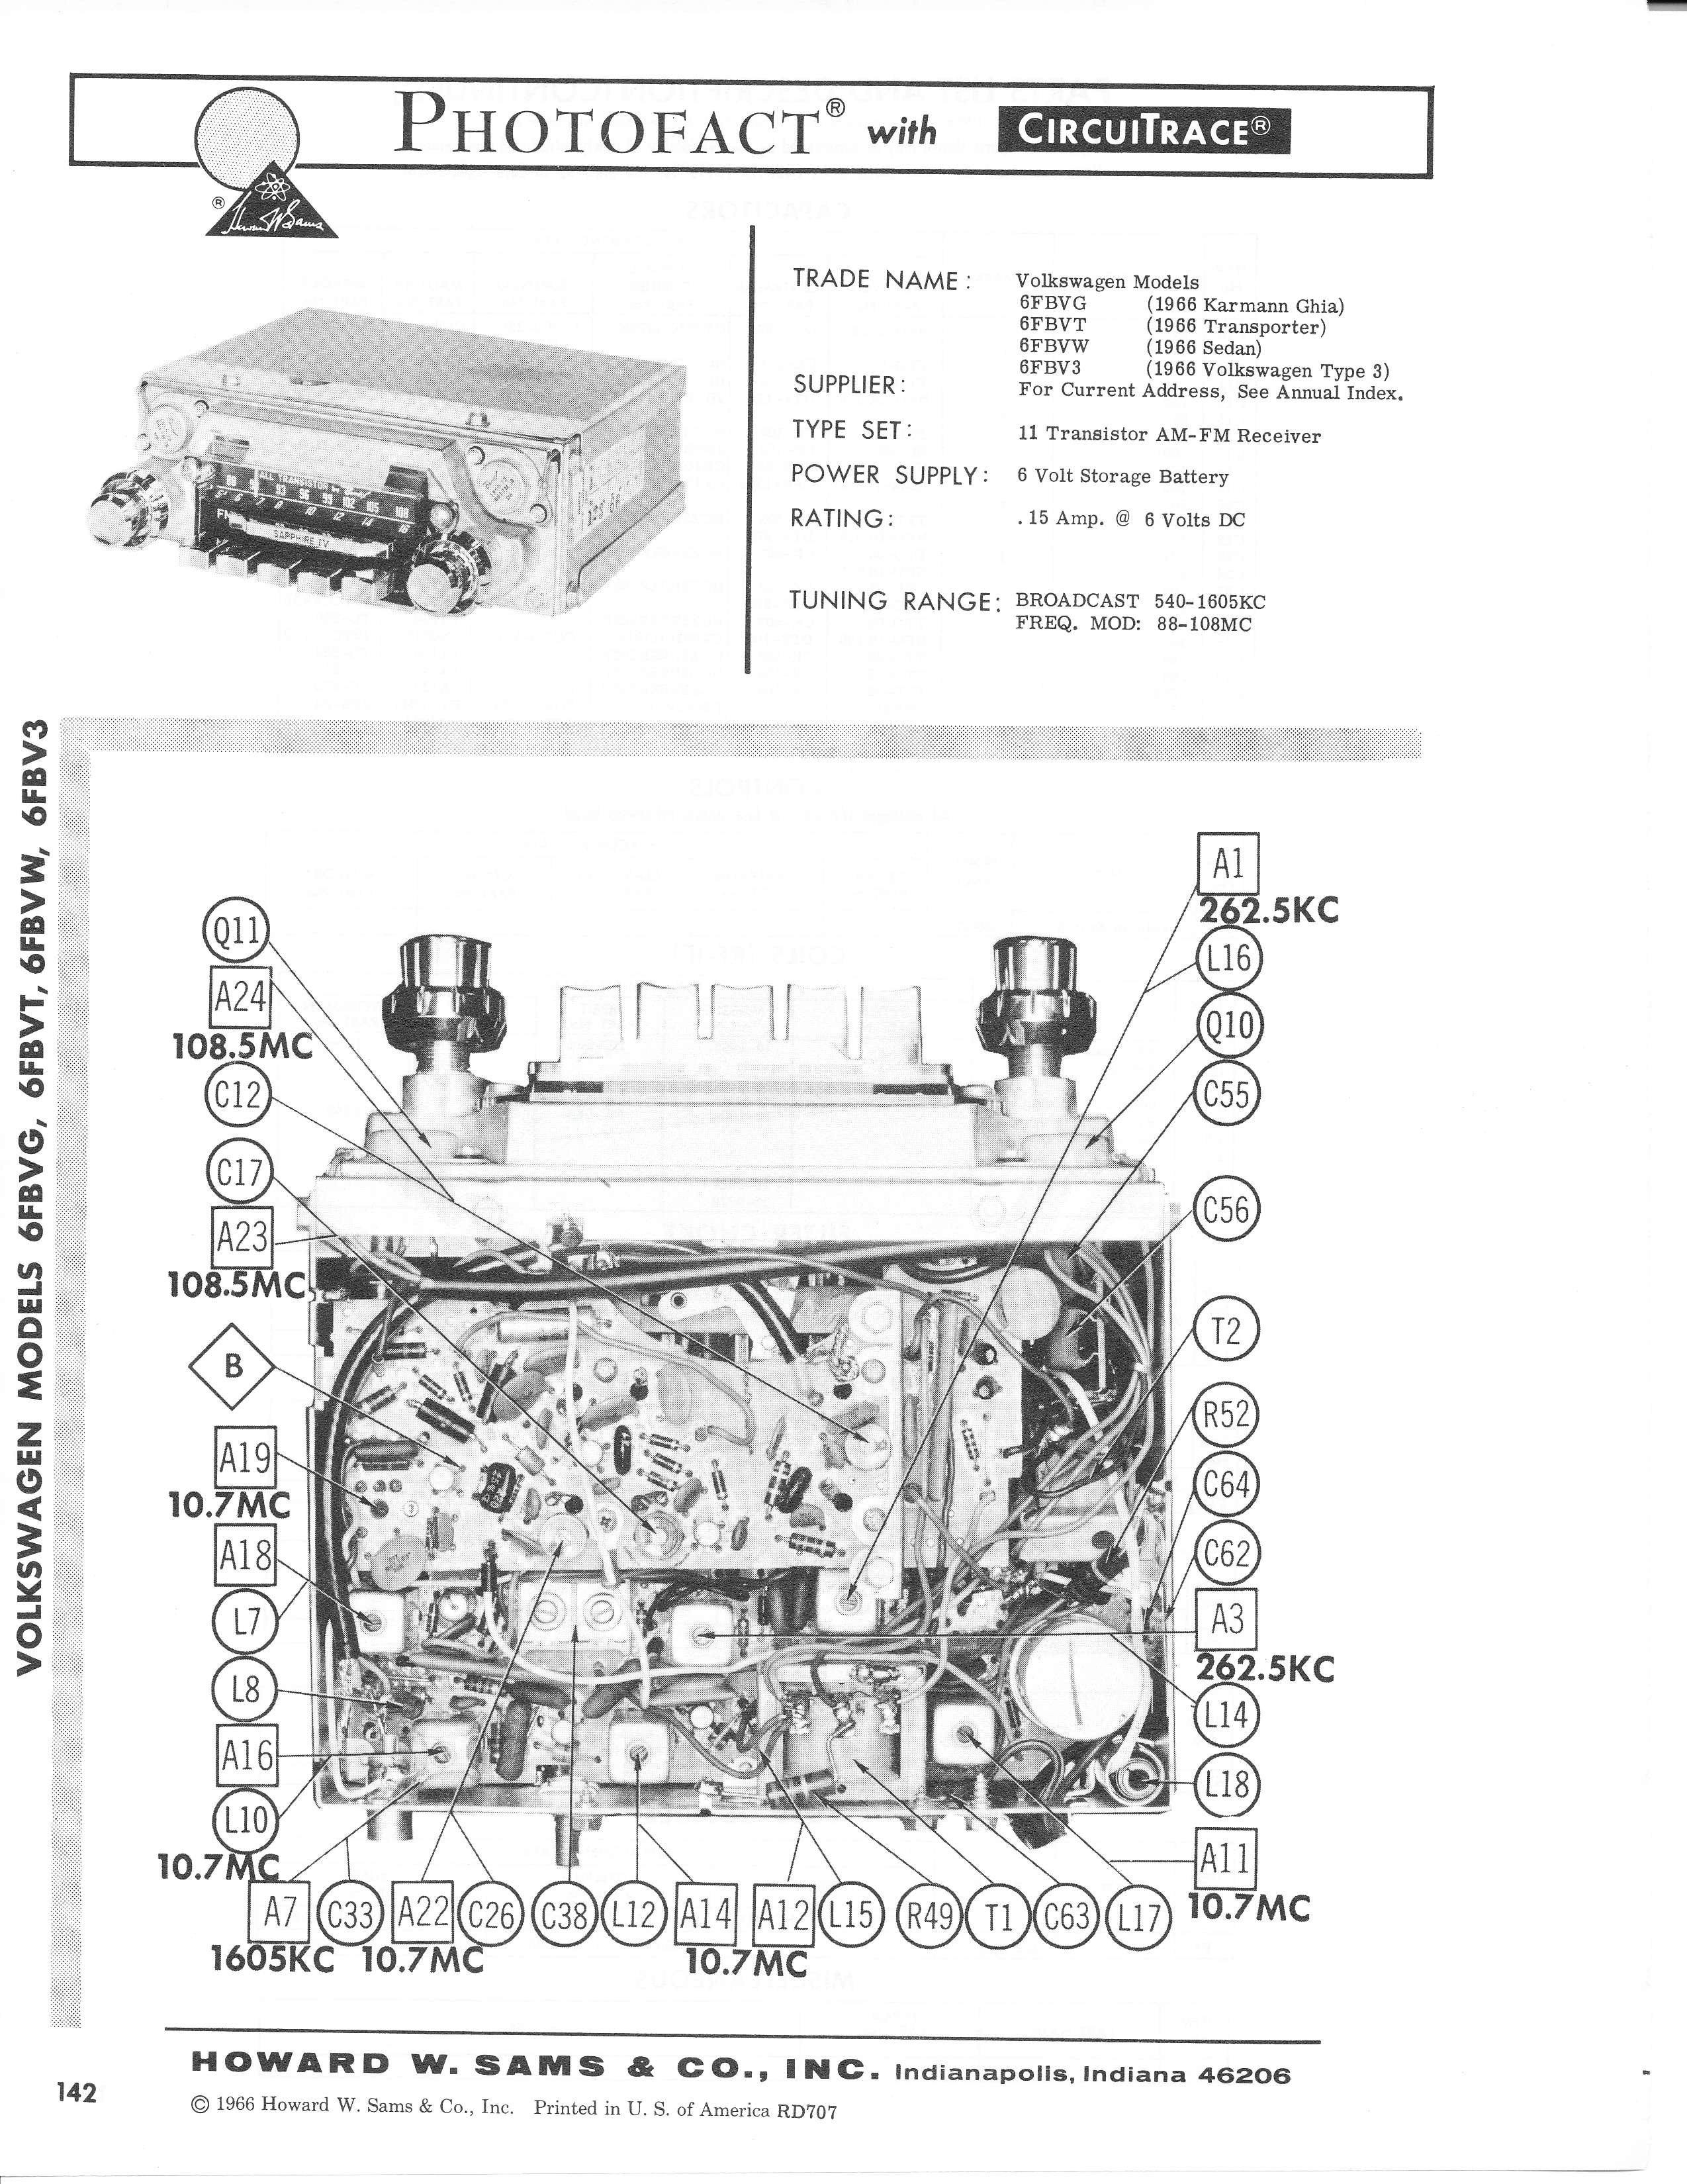 TheSamba.com :: 1966 Motorola Sapphire IV Photofact Repair